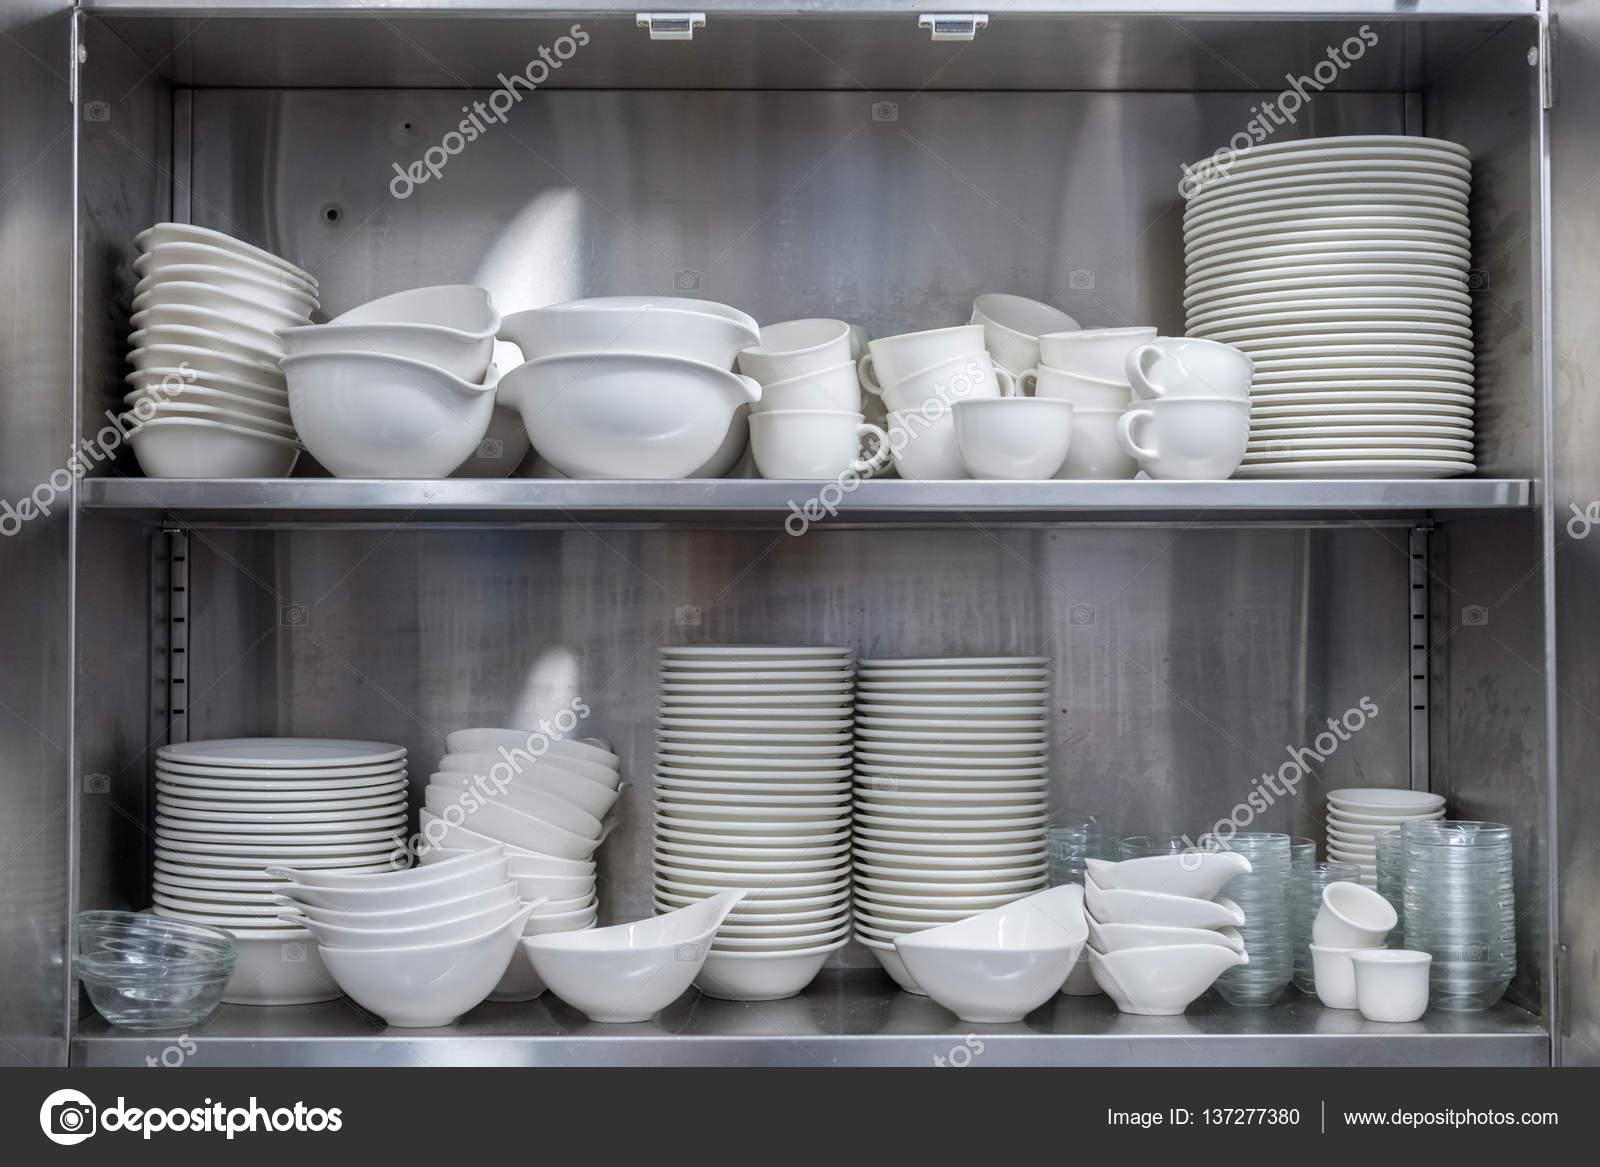 Geschirr im Küchenschrank — Stockfoto © Sergiy1975 #137277380